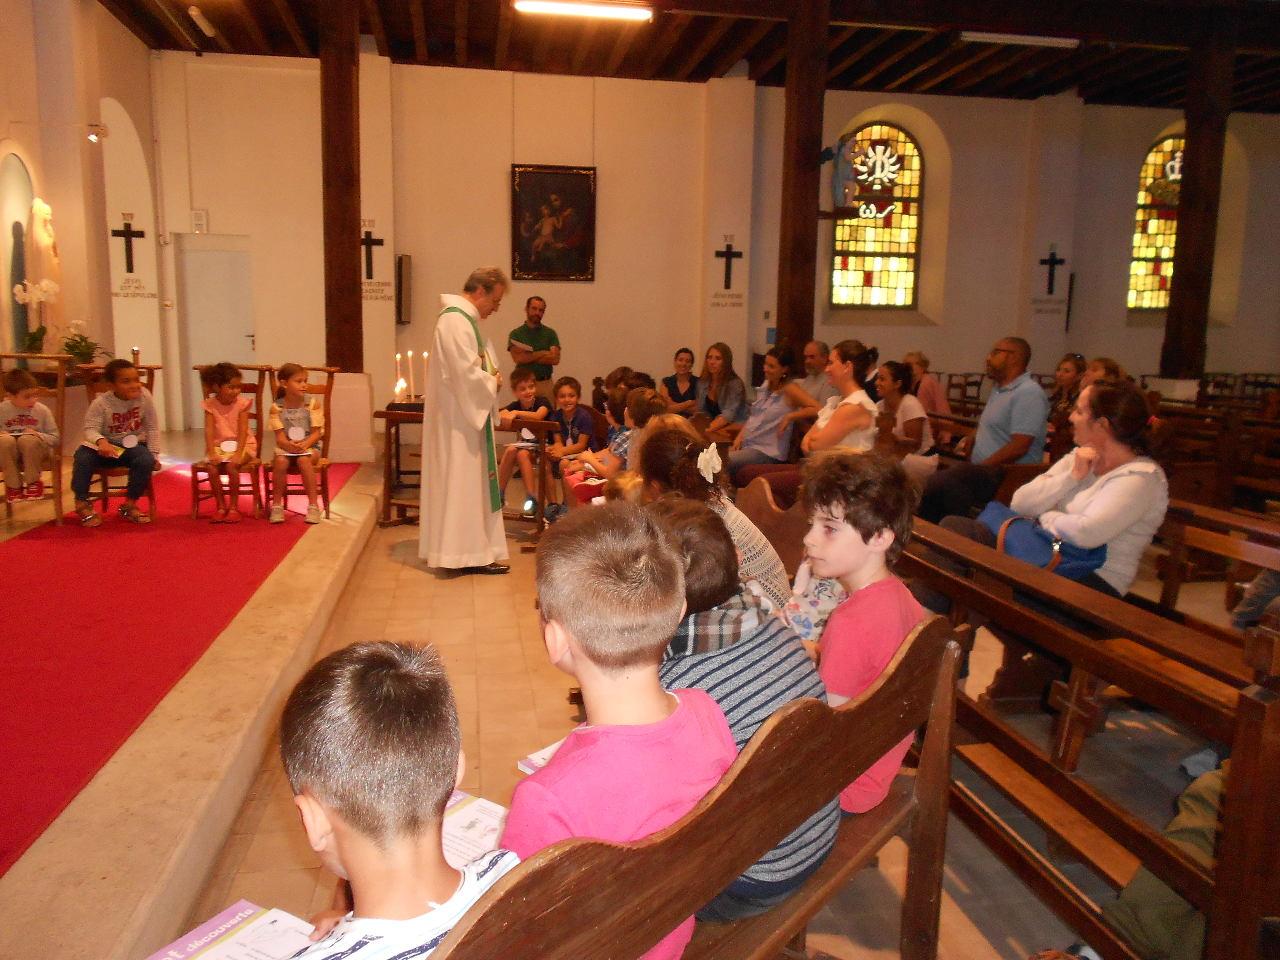 Chaque enfant est appelé à dire son accord pour suivre Jésus